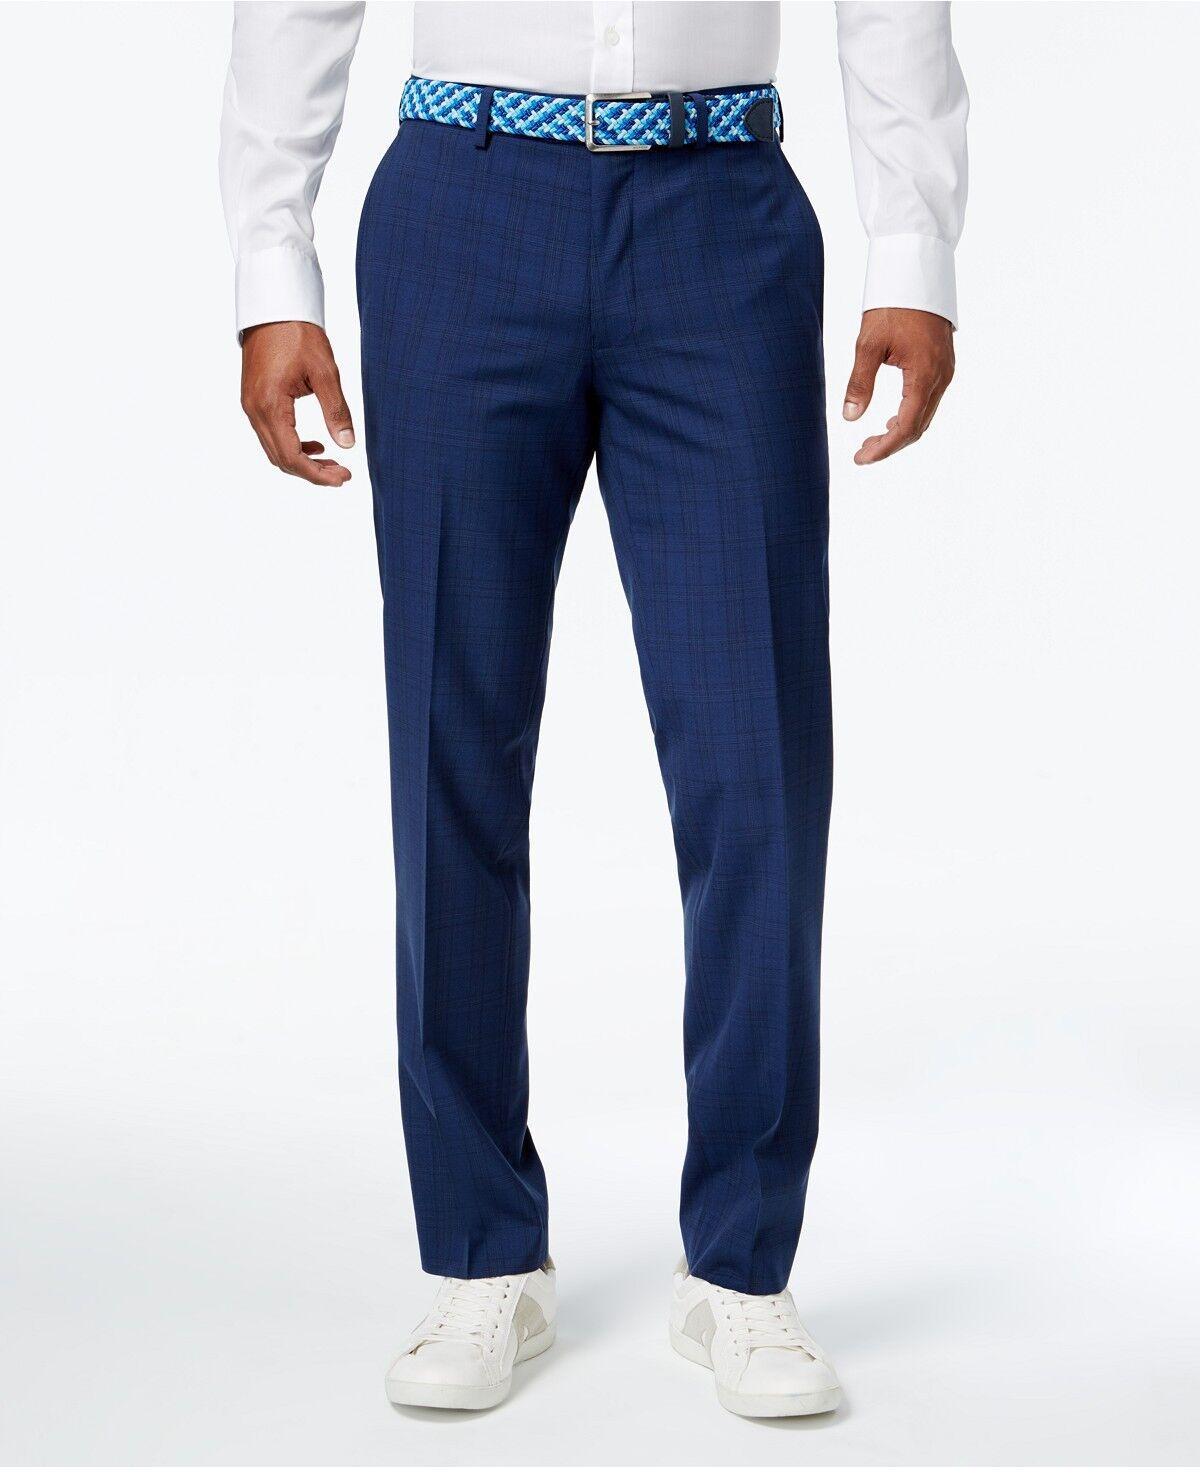 BAR III men blueE WOOL FLAT FRONT SLIM FIT DRESS PANTS TROUSERS 36 W 30 L